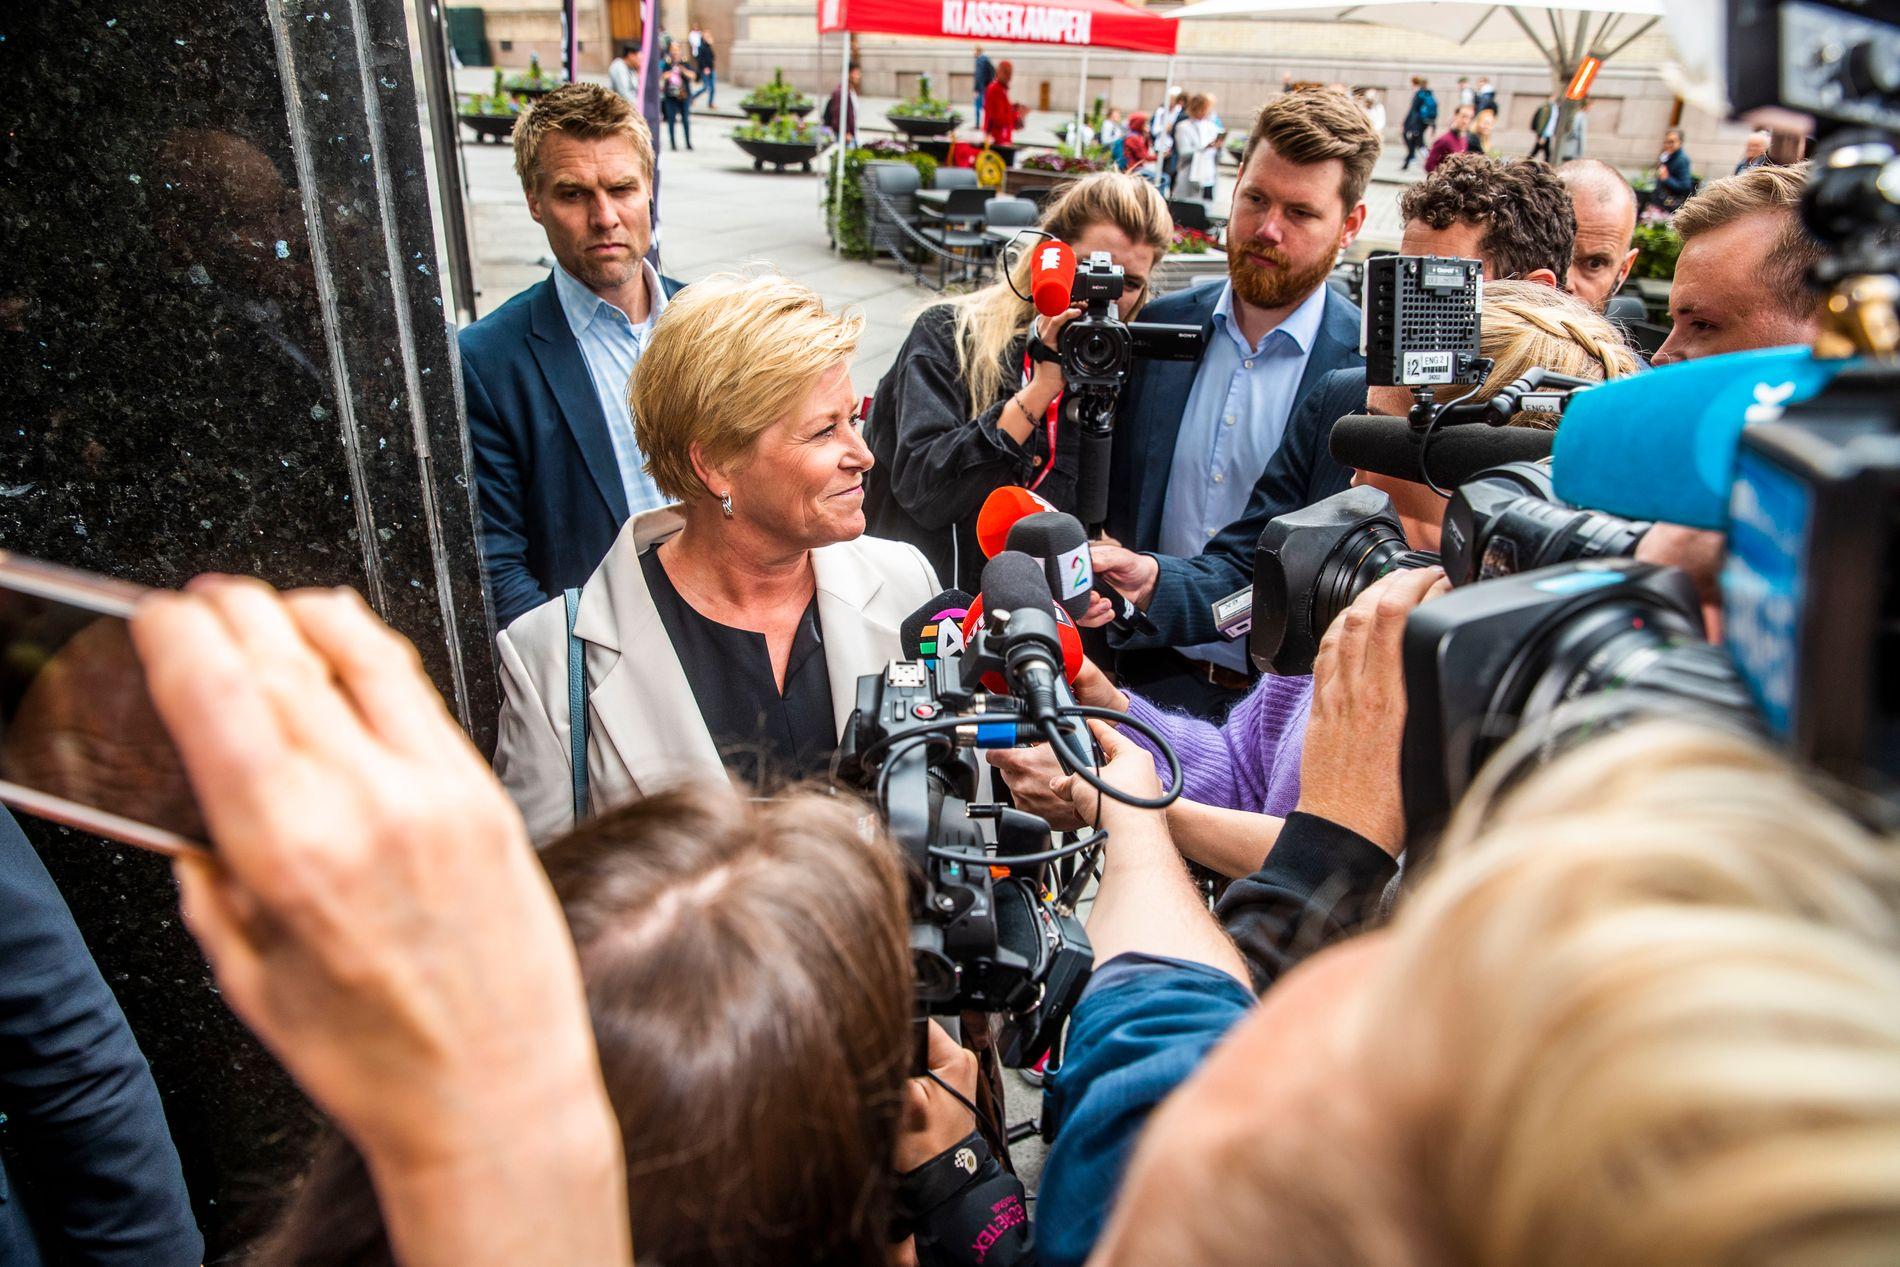 Fikk marsjordre: Frp-leder Siv Jensen forlot partiets ekstraordinære landsstyremøte forrige uke med klar beskjed om å levere flere bompengegjennomslag. Her er Jensen på vei inn til møtet.